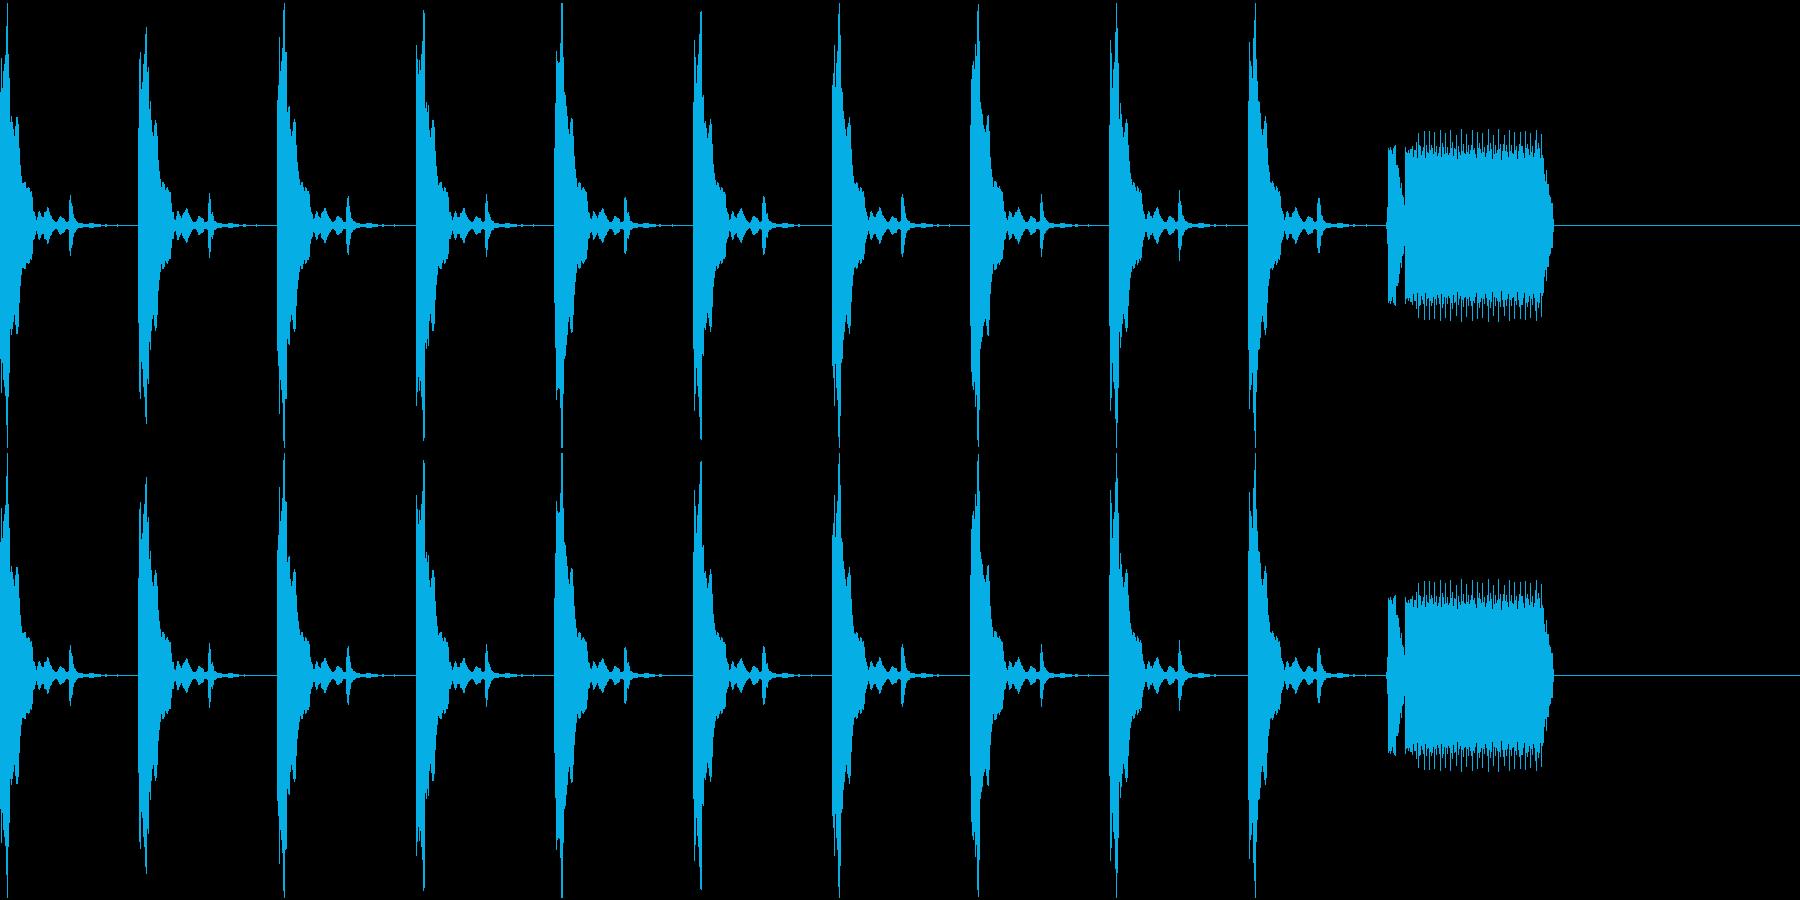 カウントダウン10秒チクタク+ホイッスルの再生済みの波形